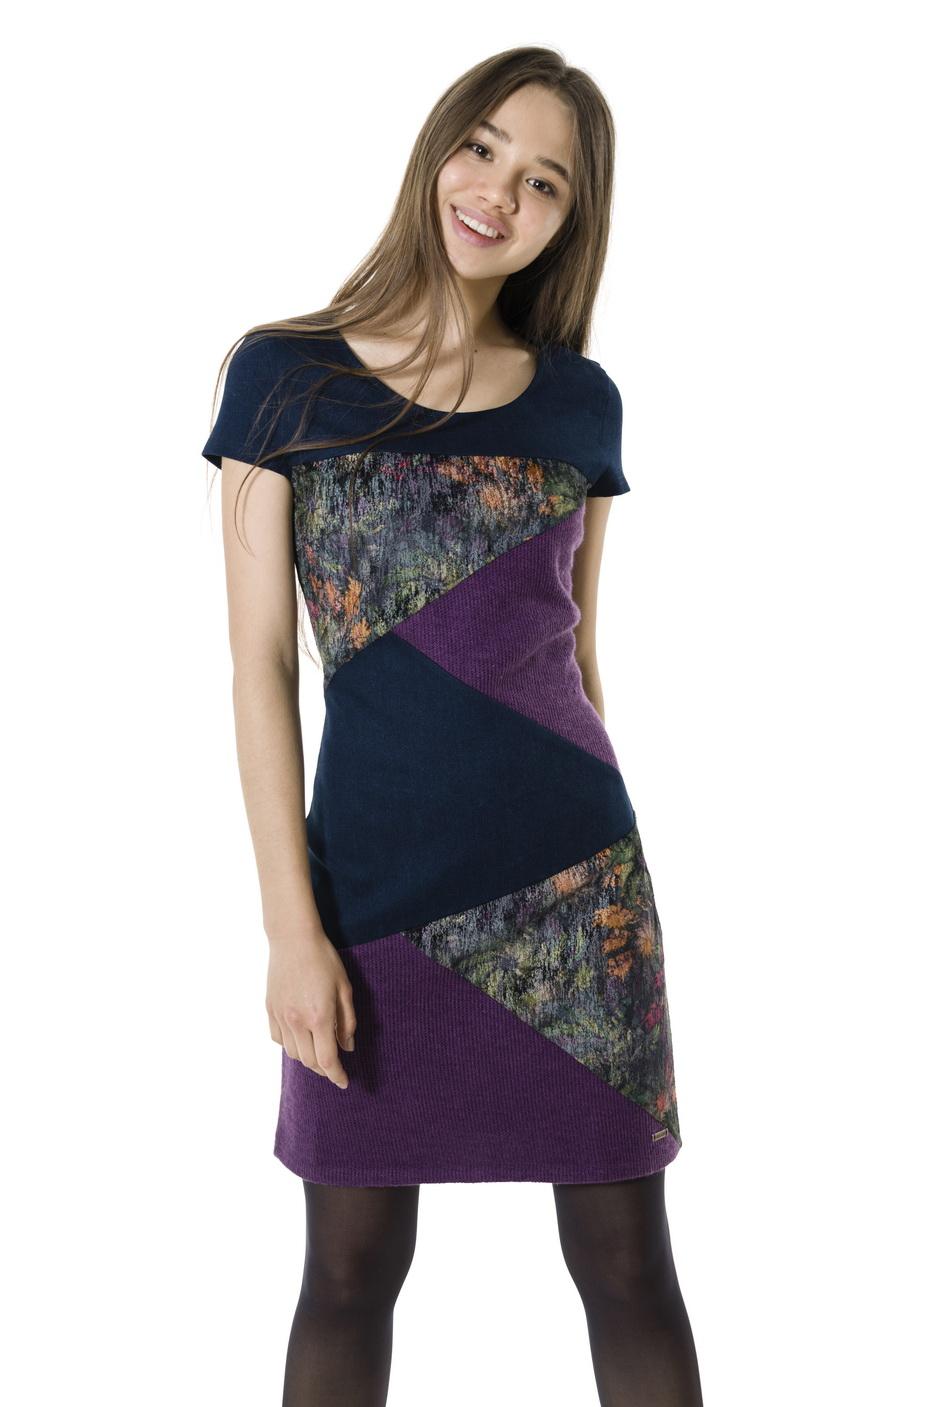 6880deb46269 Smash HOLI krátké šaty tmavě modré se vzorem · Akce